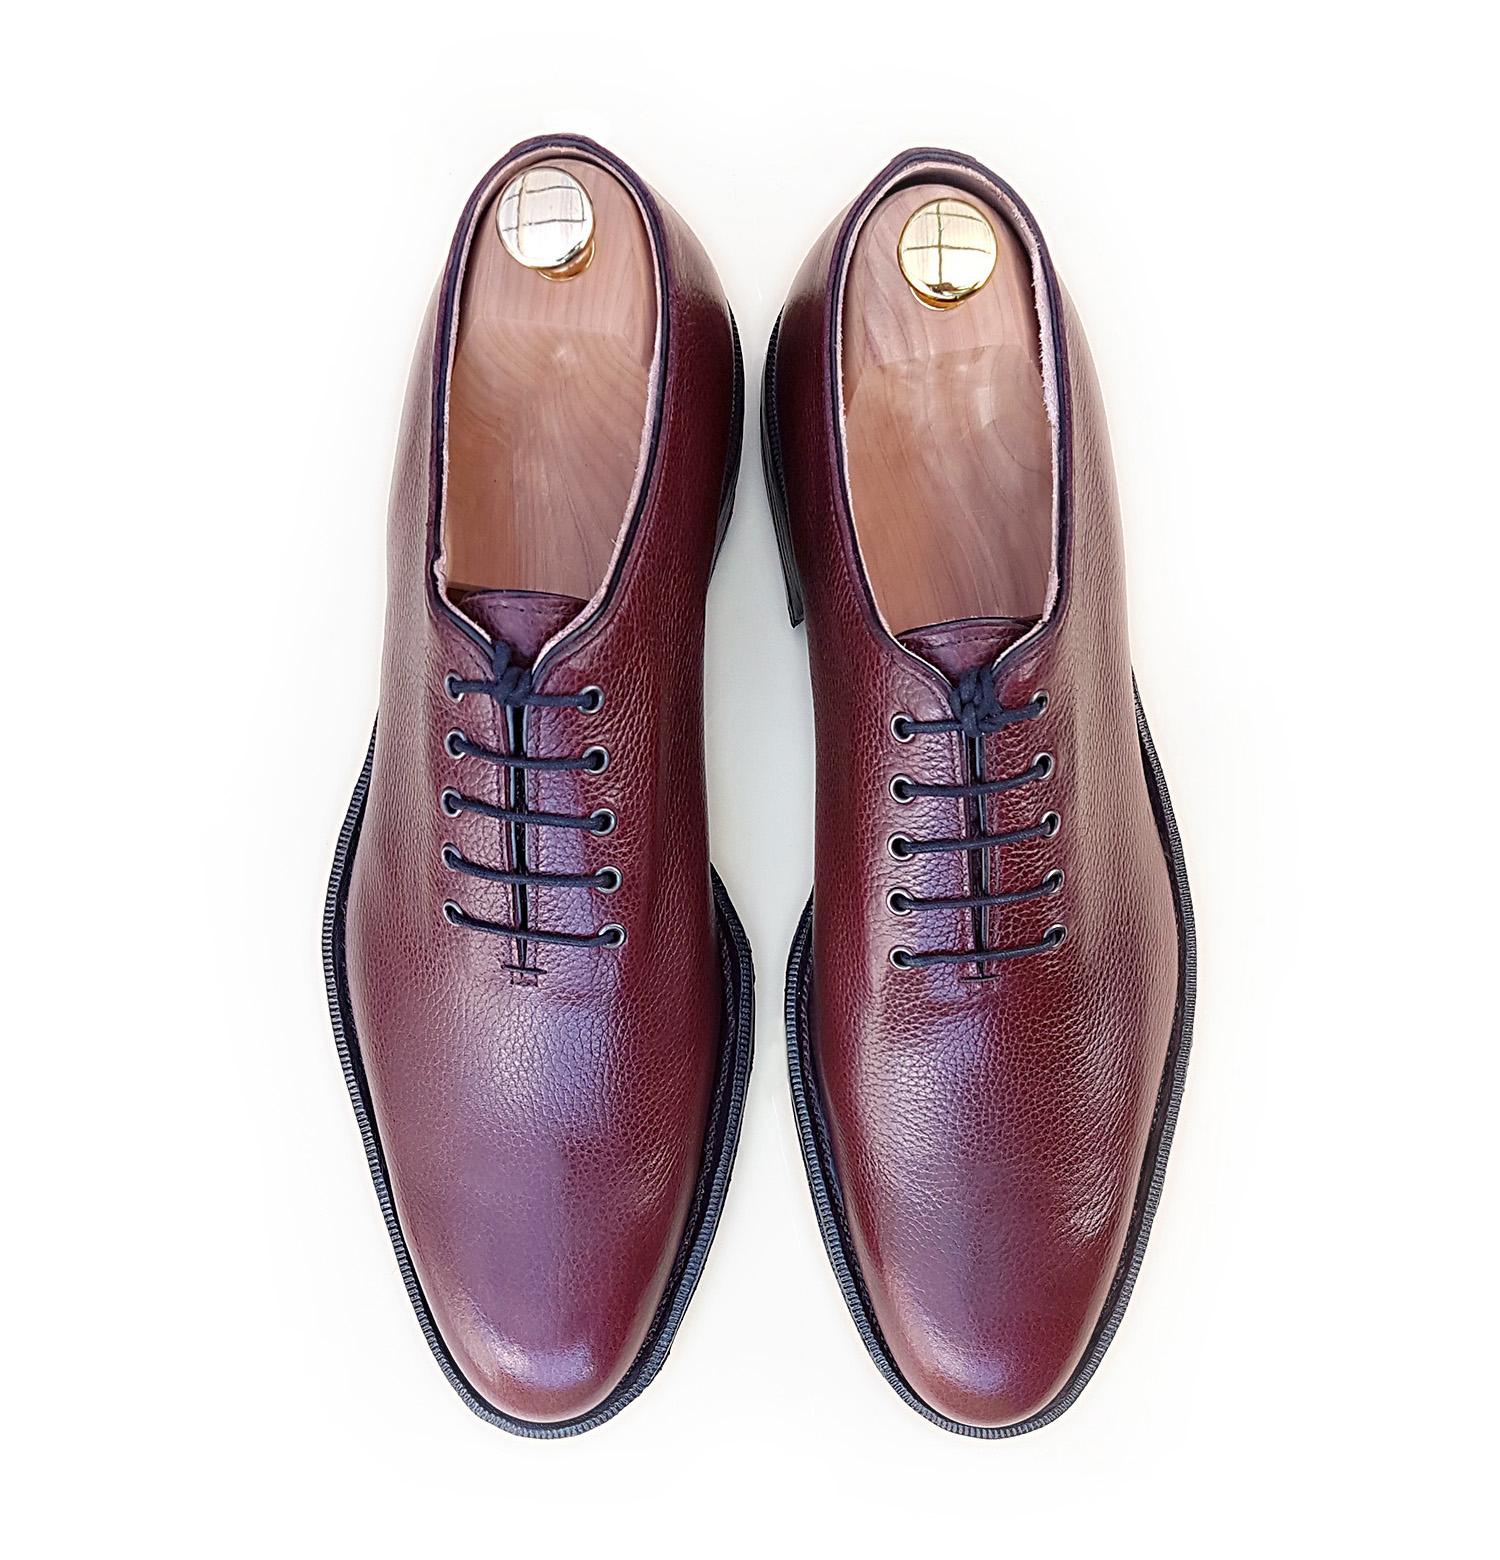 Stockholm shoe